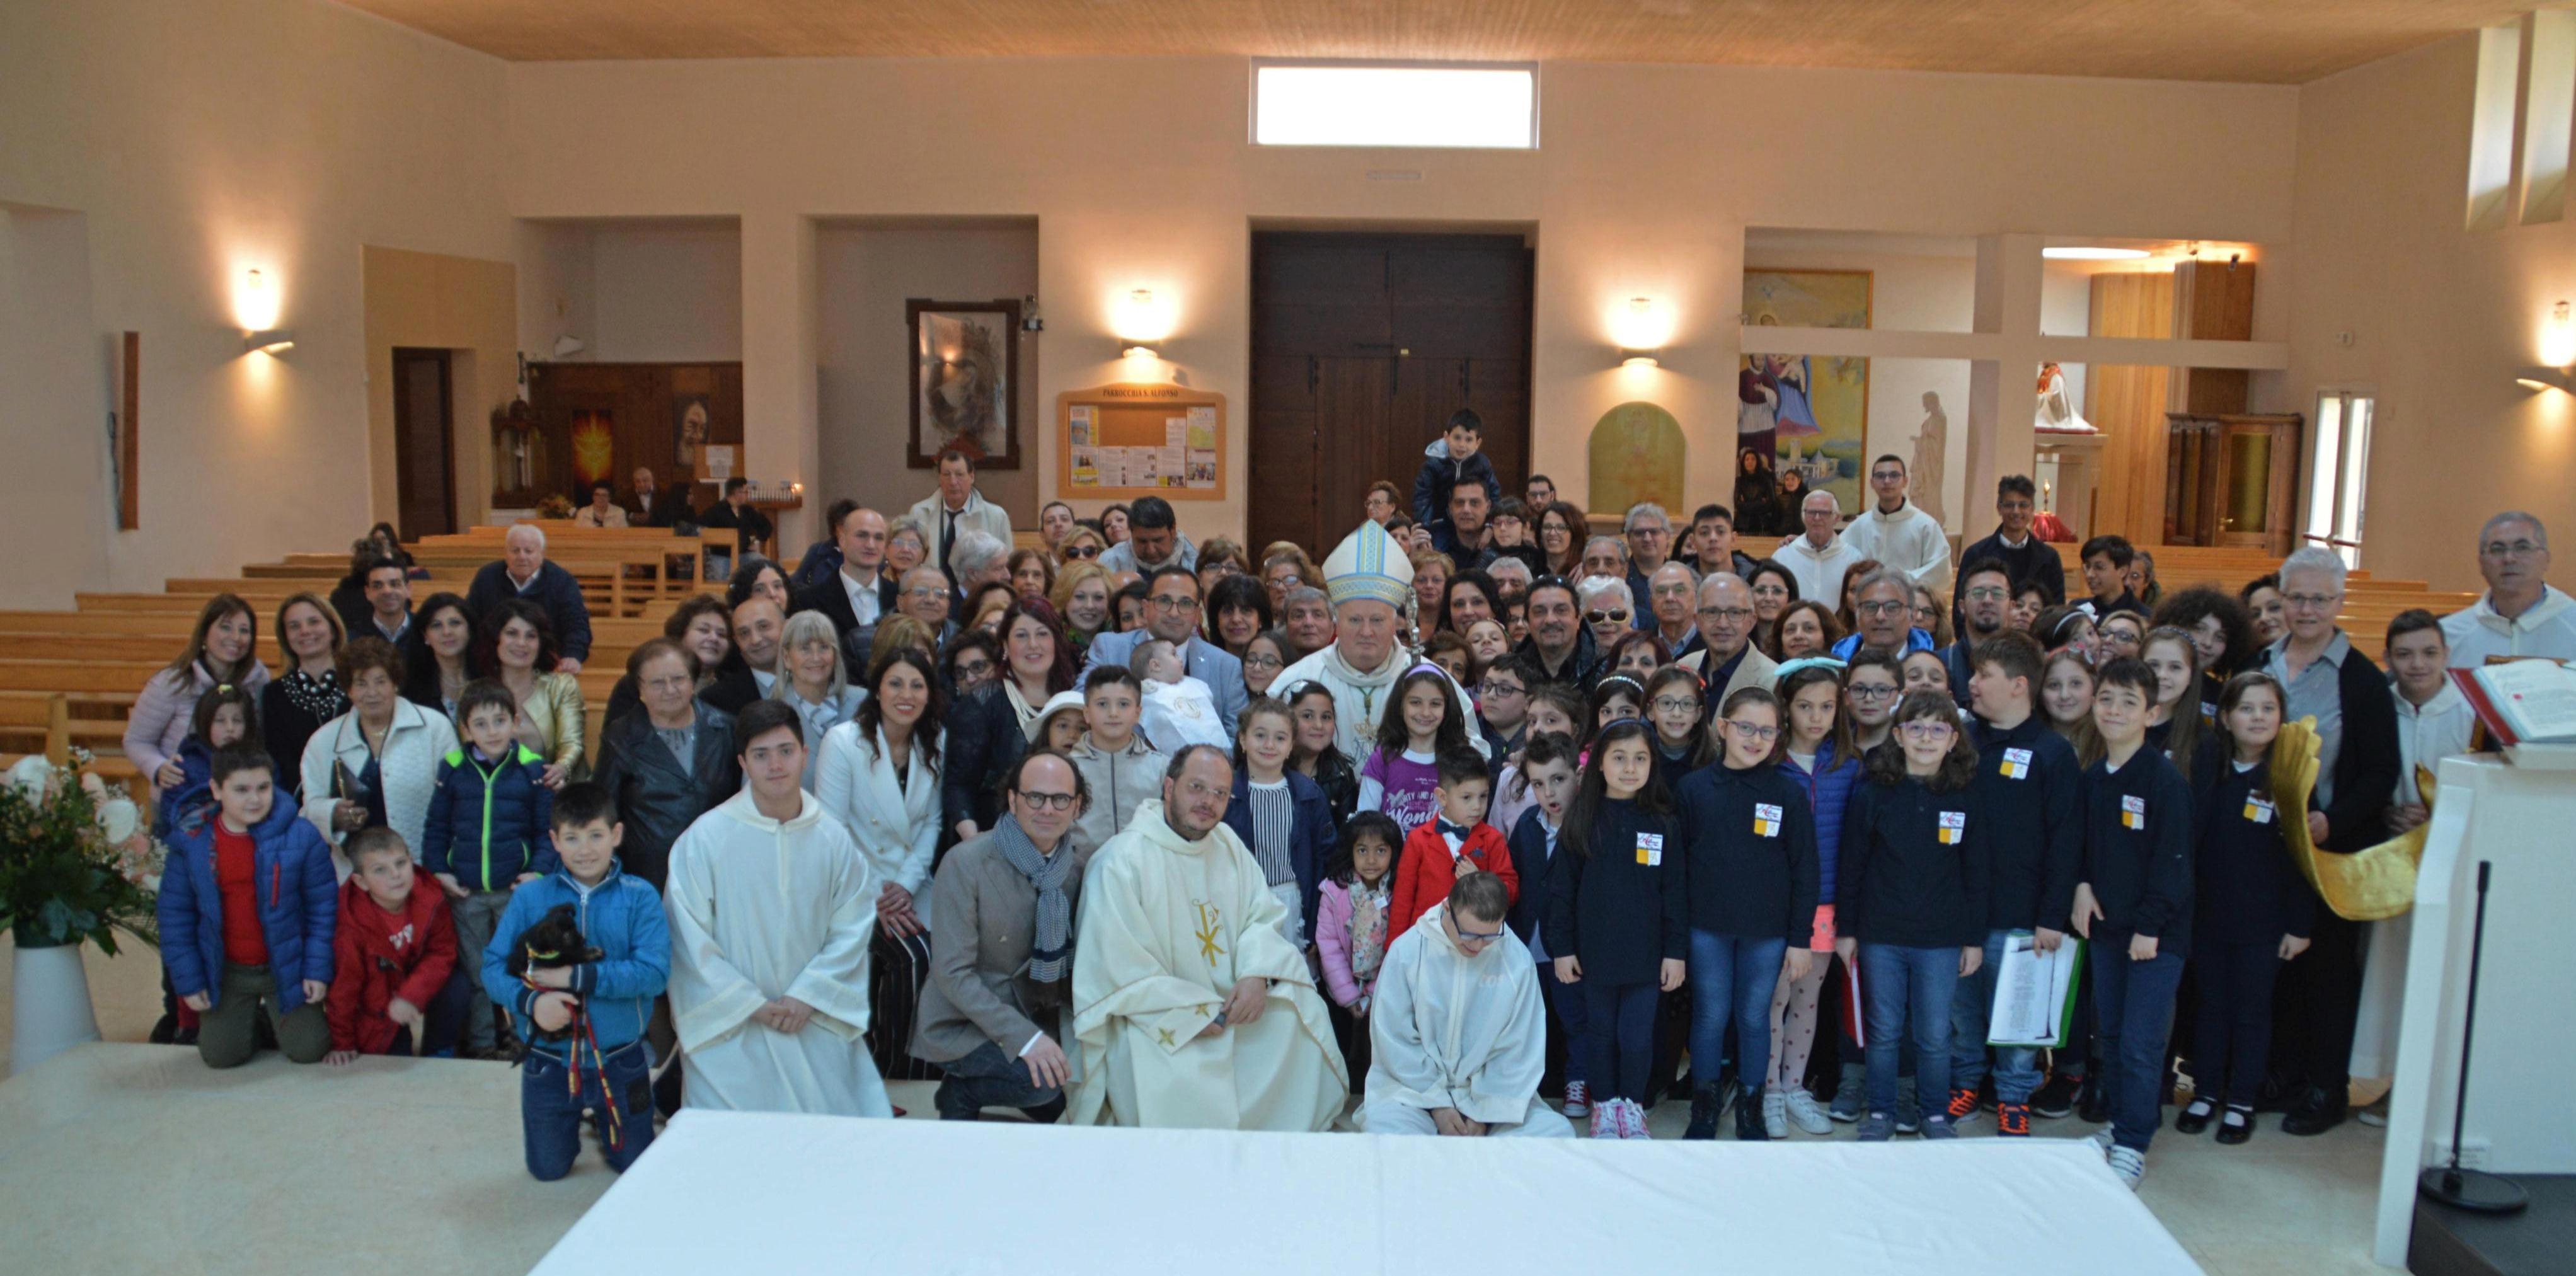 Parrocchia S. Alfonso accoglie La Madonna di Loreto